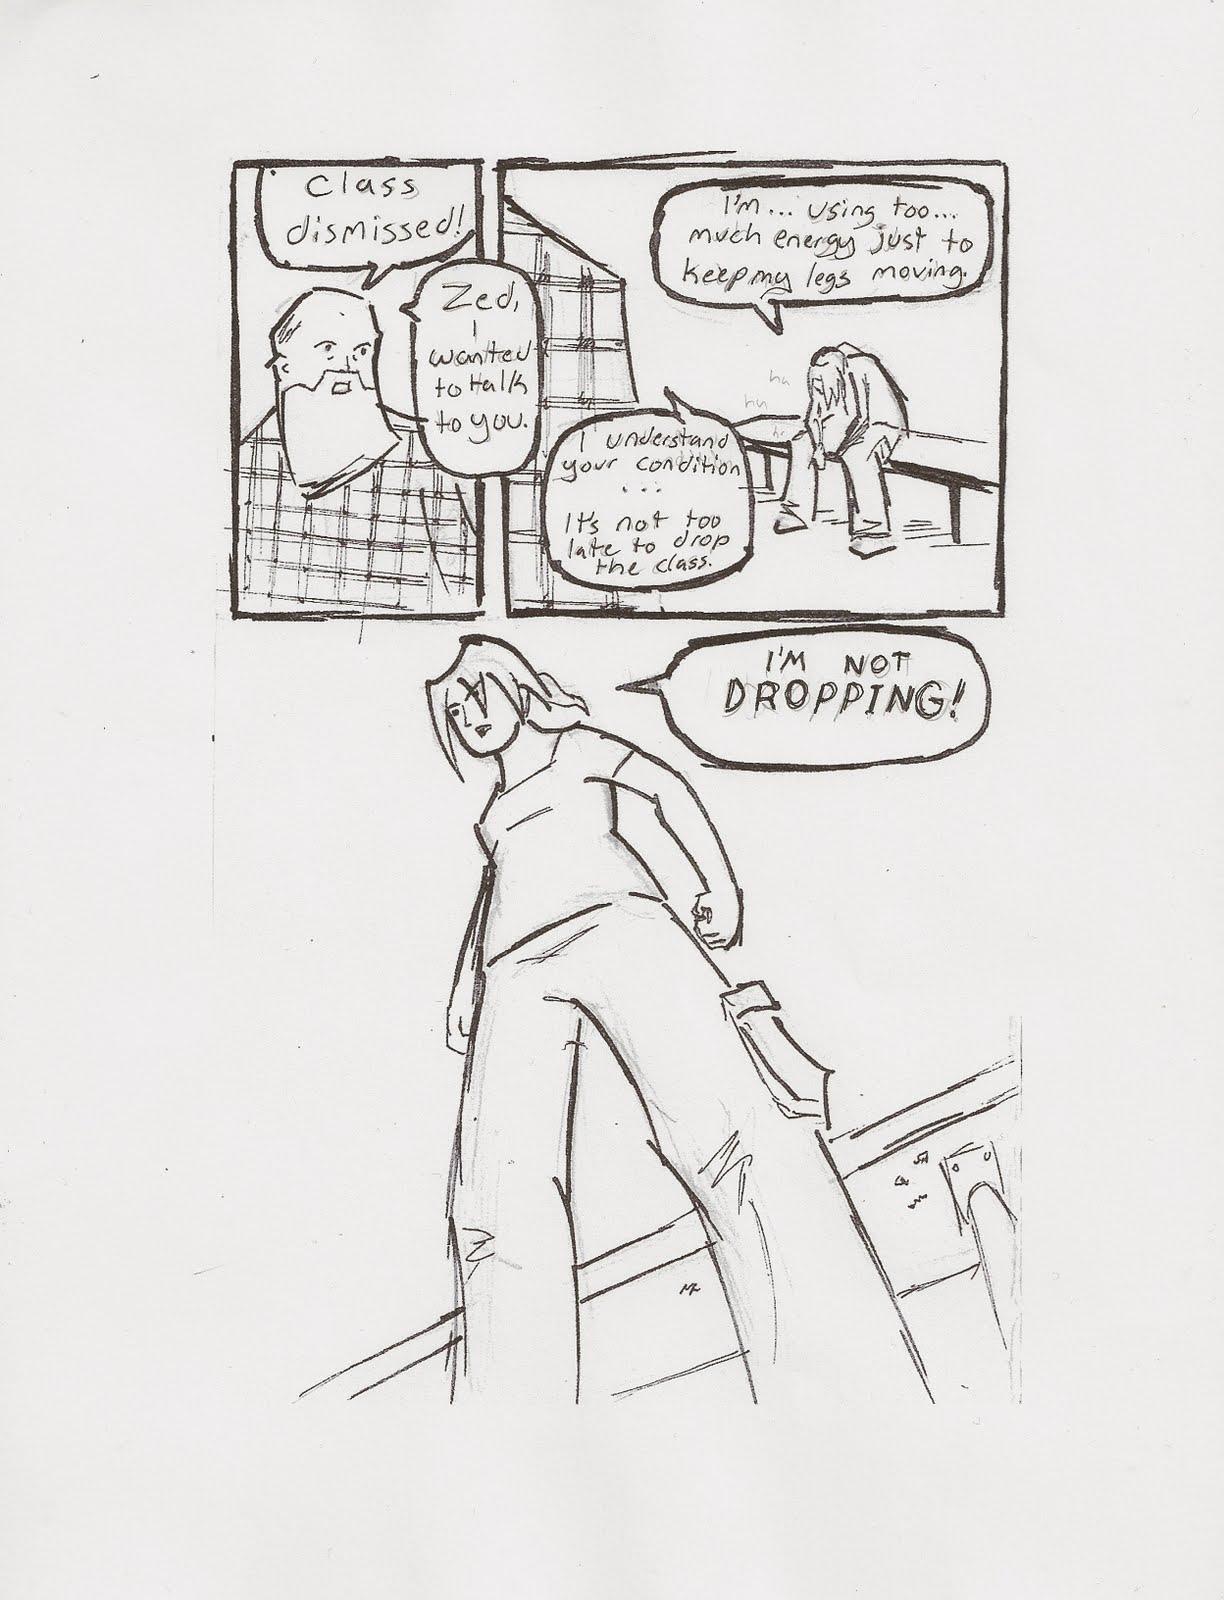 Monster Rat Comics: Mint: more pages